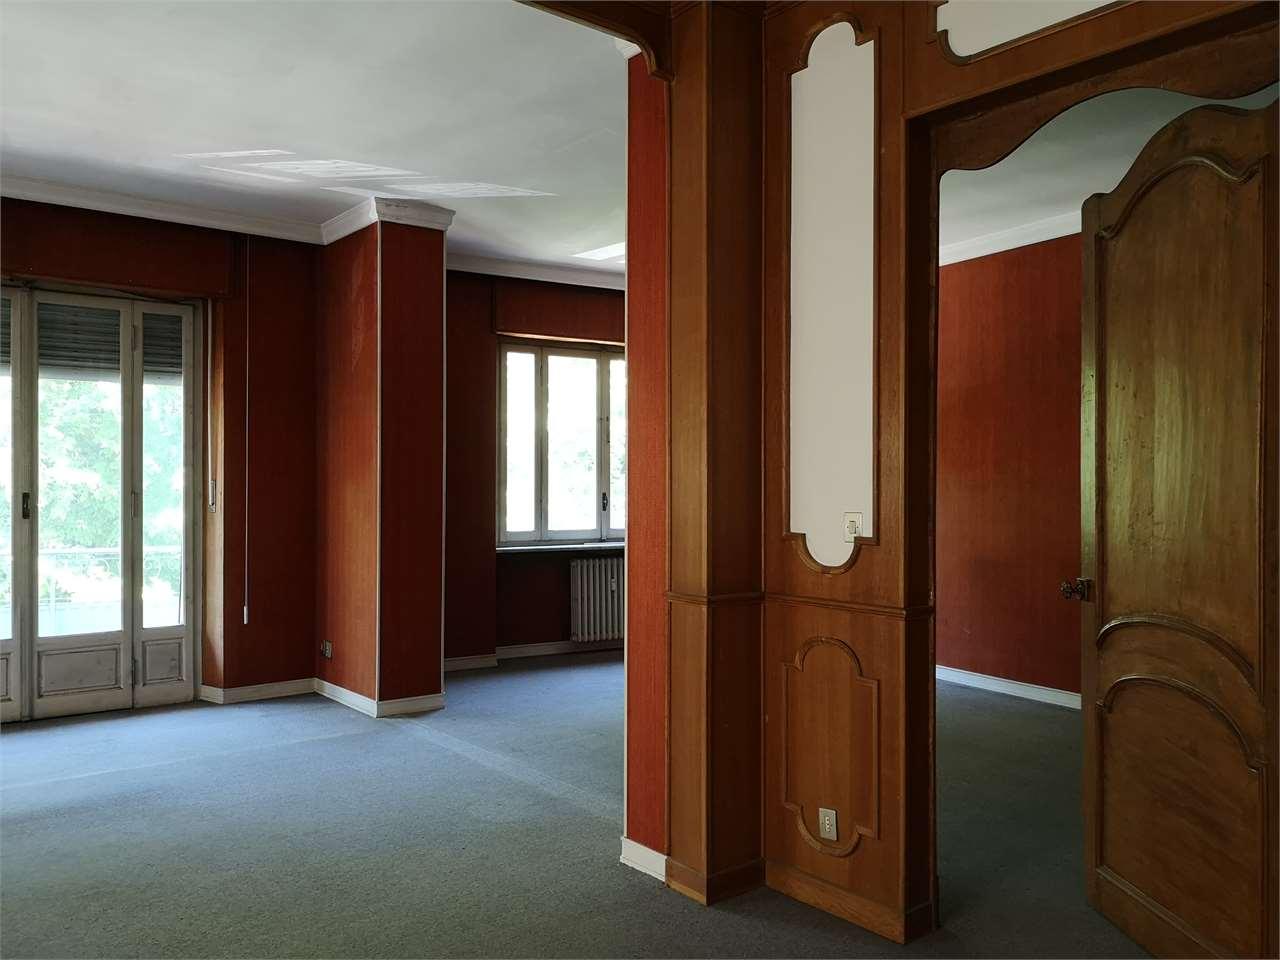 Vendita Quadrilocale Appartamento Asti via rosselli  196481